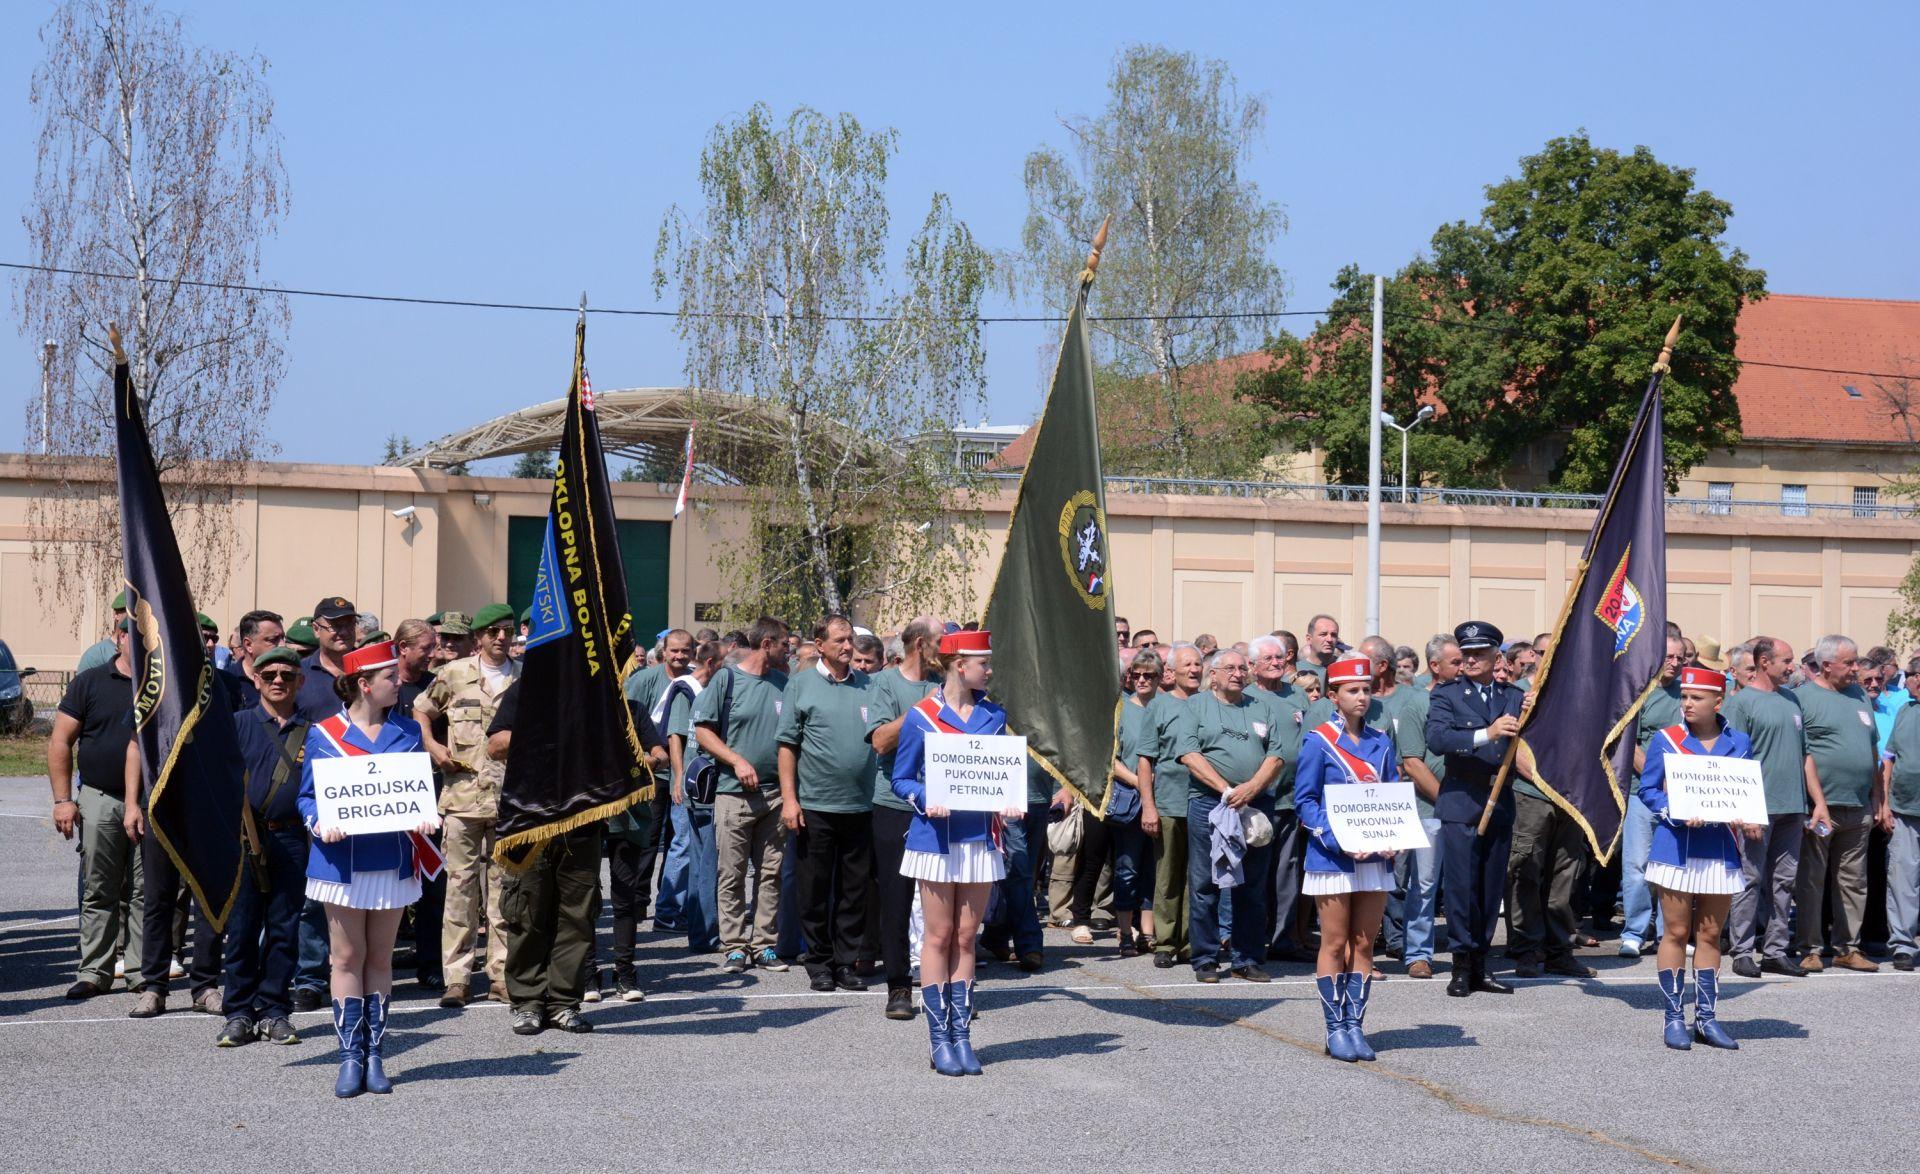 FOTO: Mimohodom obilježena obljetnica predaje kordunskog korpusa